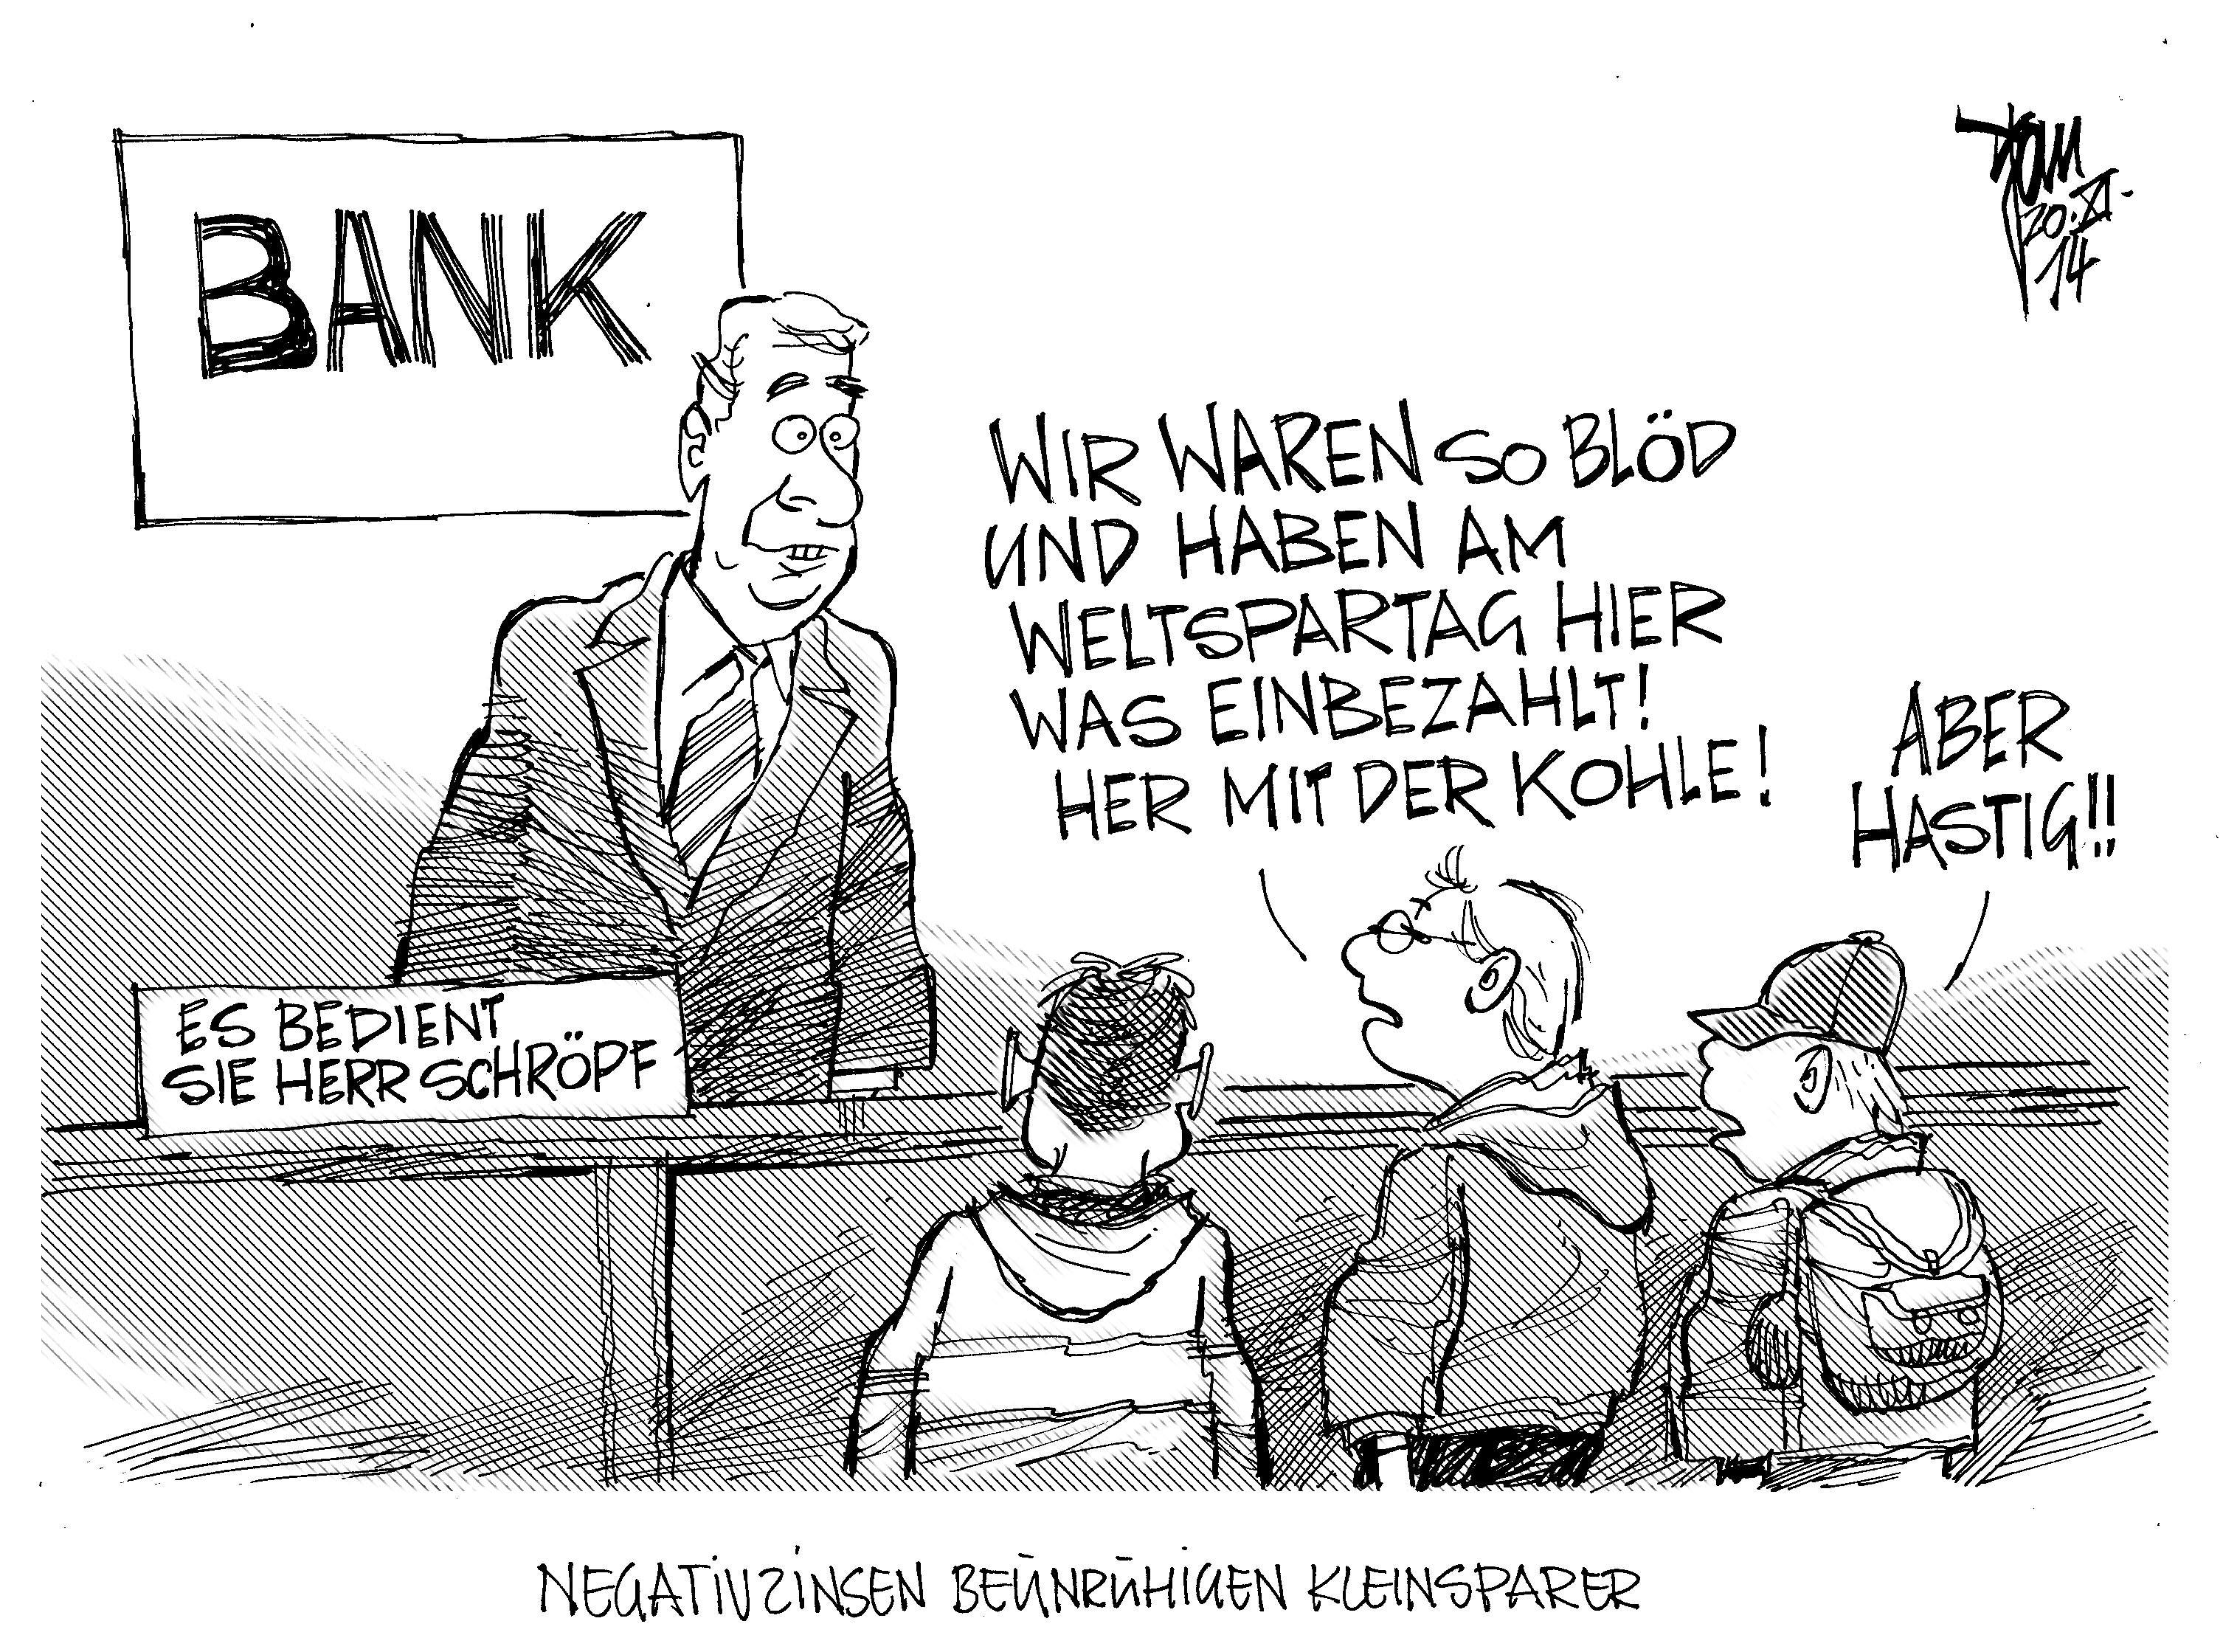 negativ zinsen deutschland